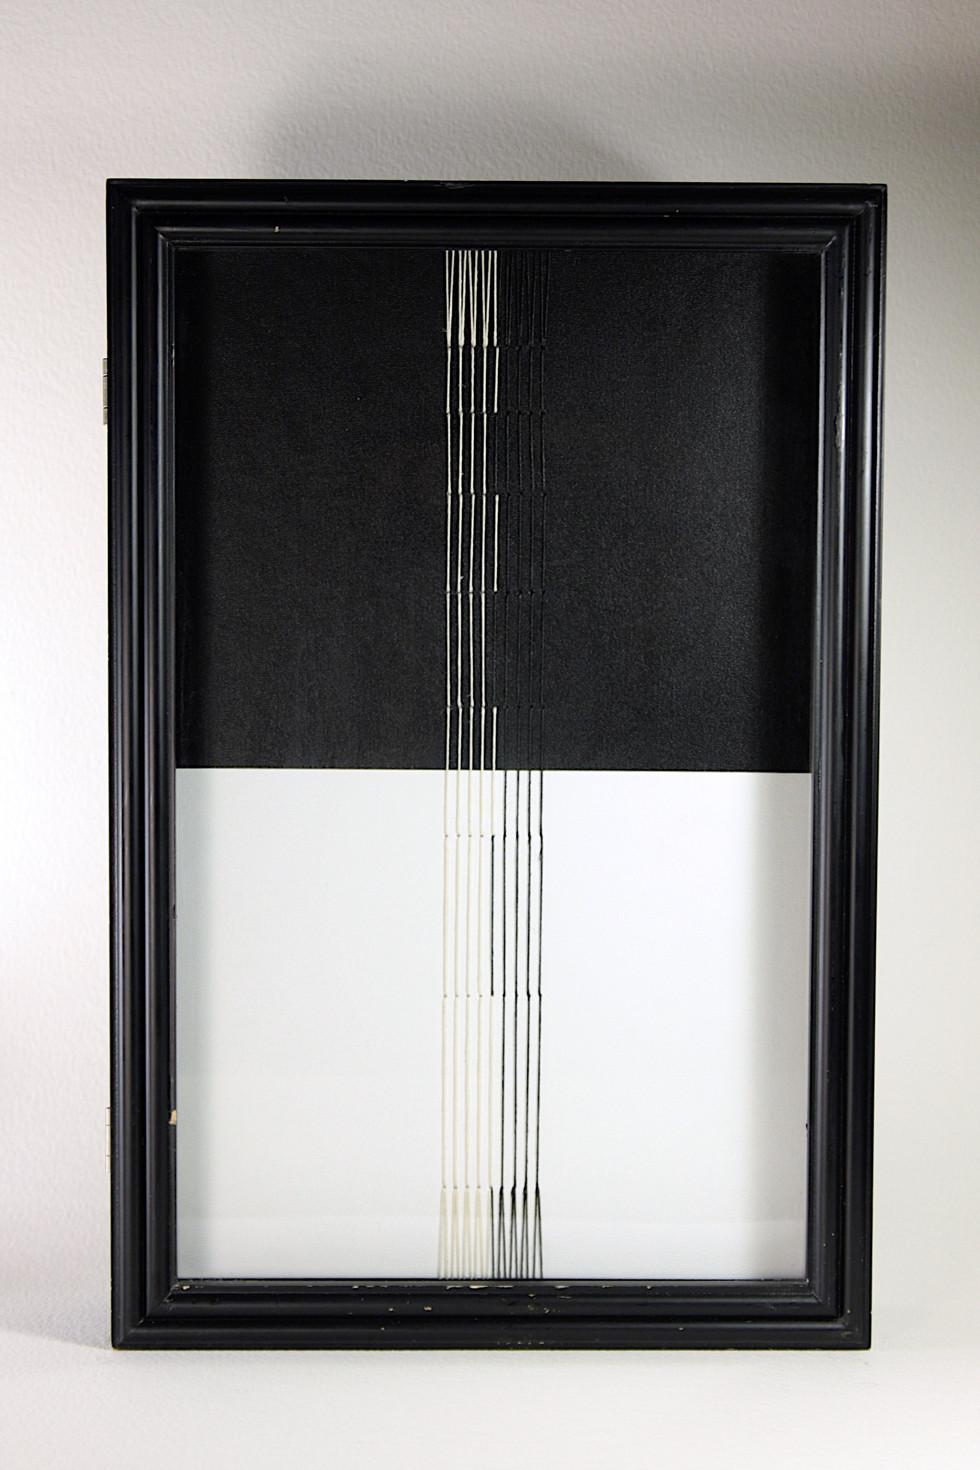 Duotone #4 (2011)